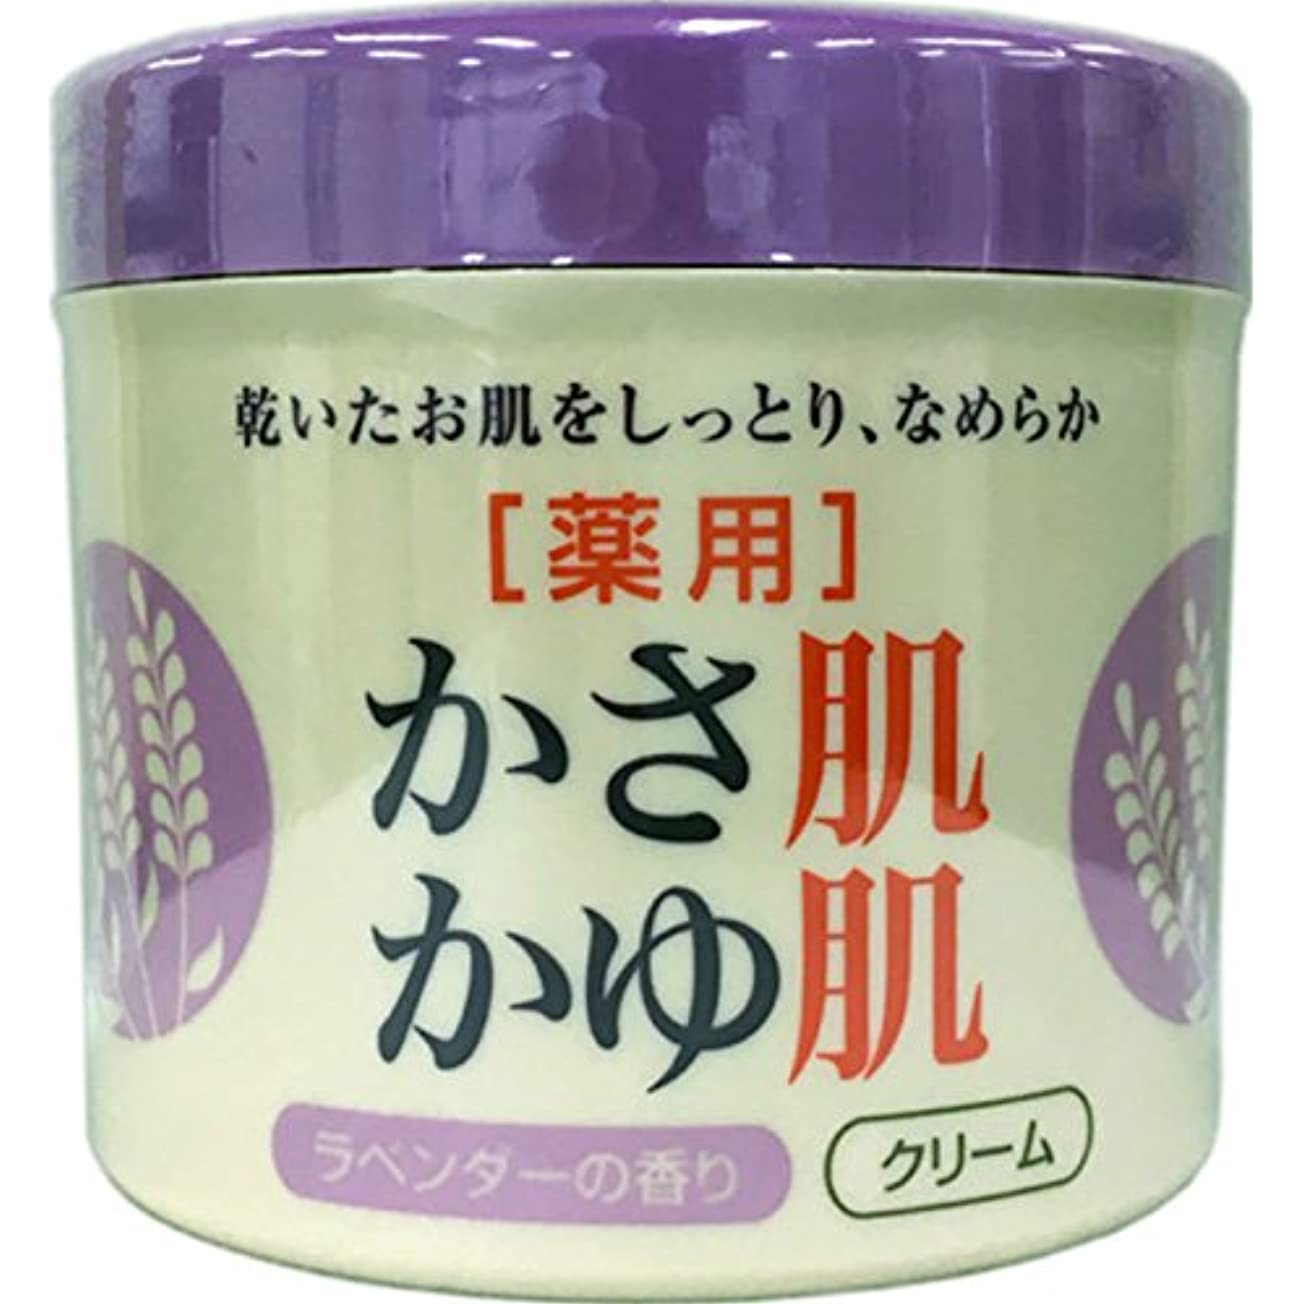 ビジネス軽減オーラルヒラマツ商事 薬用かさ肌かゆ肌ミルキークリーム ラベンダー 280g (医薬部外品)